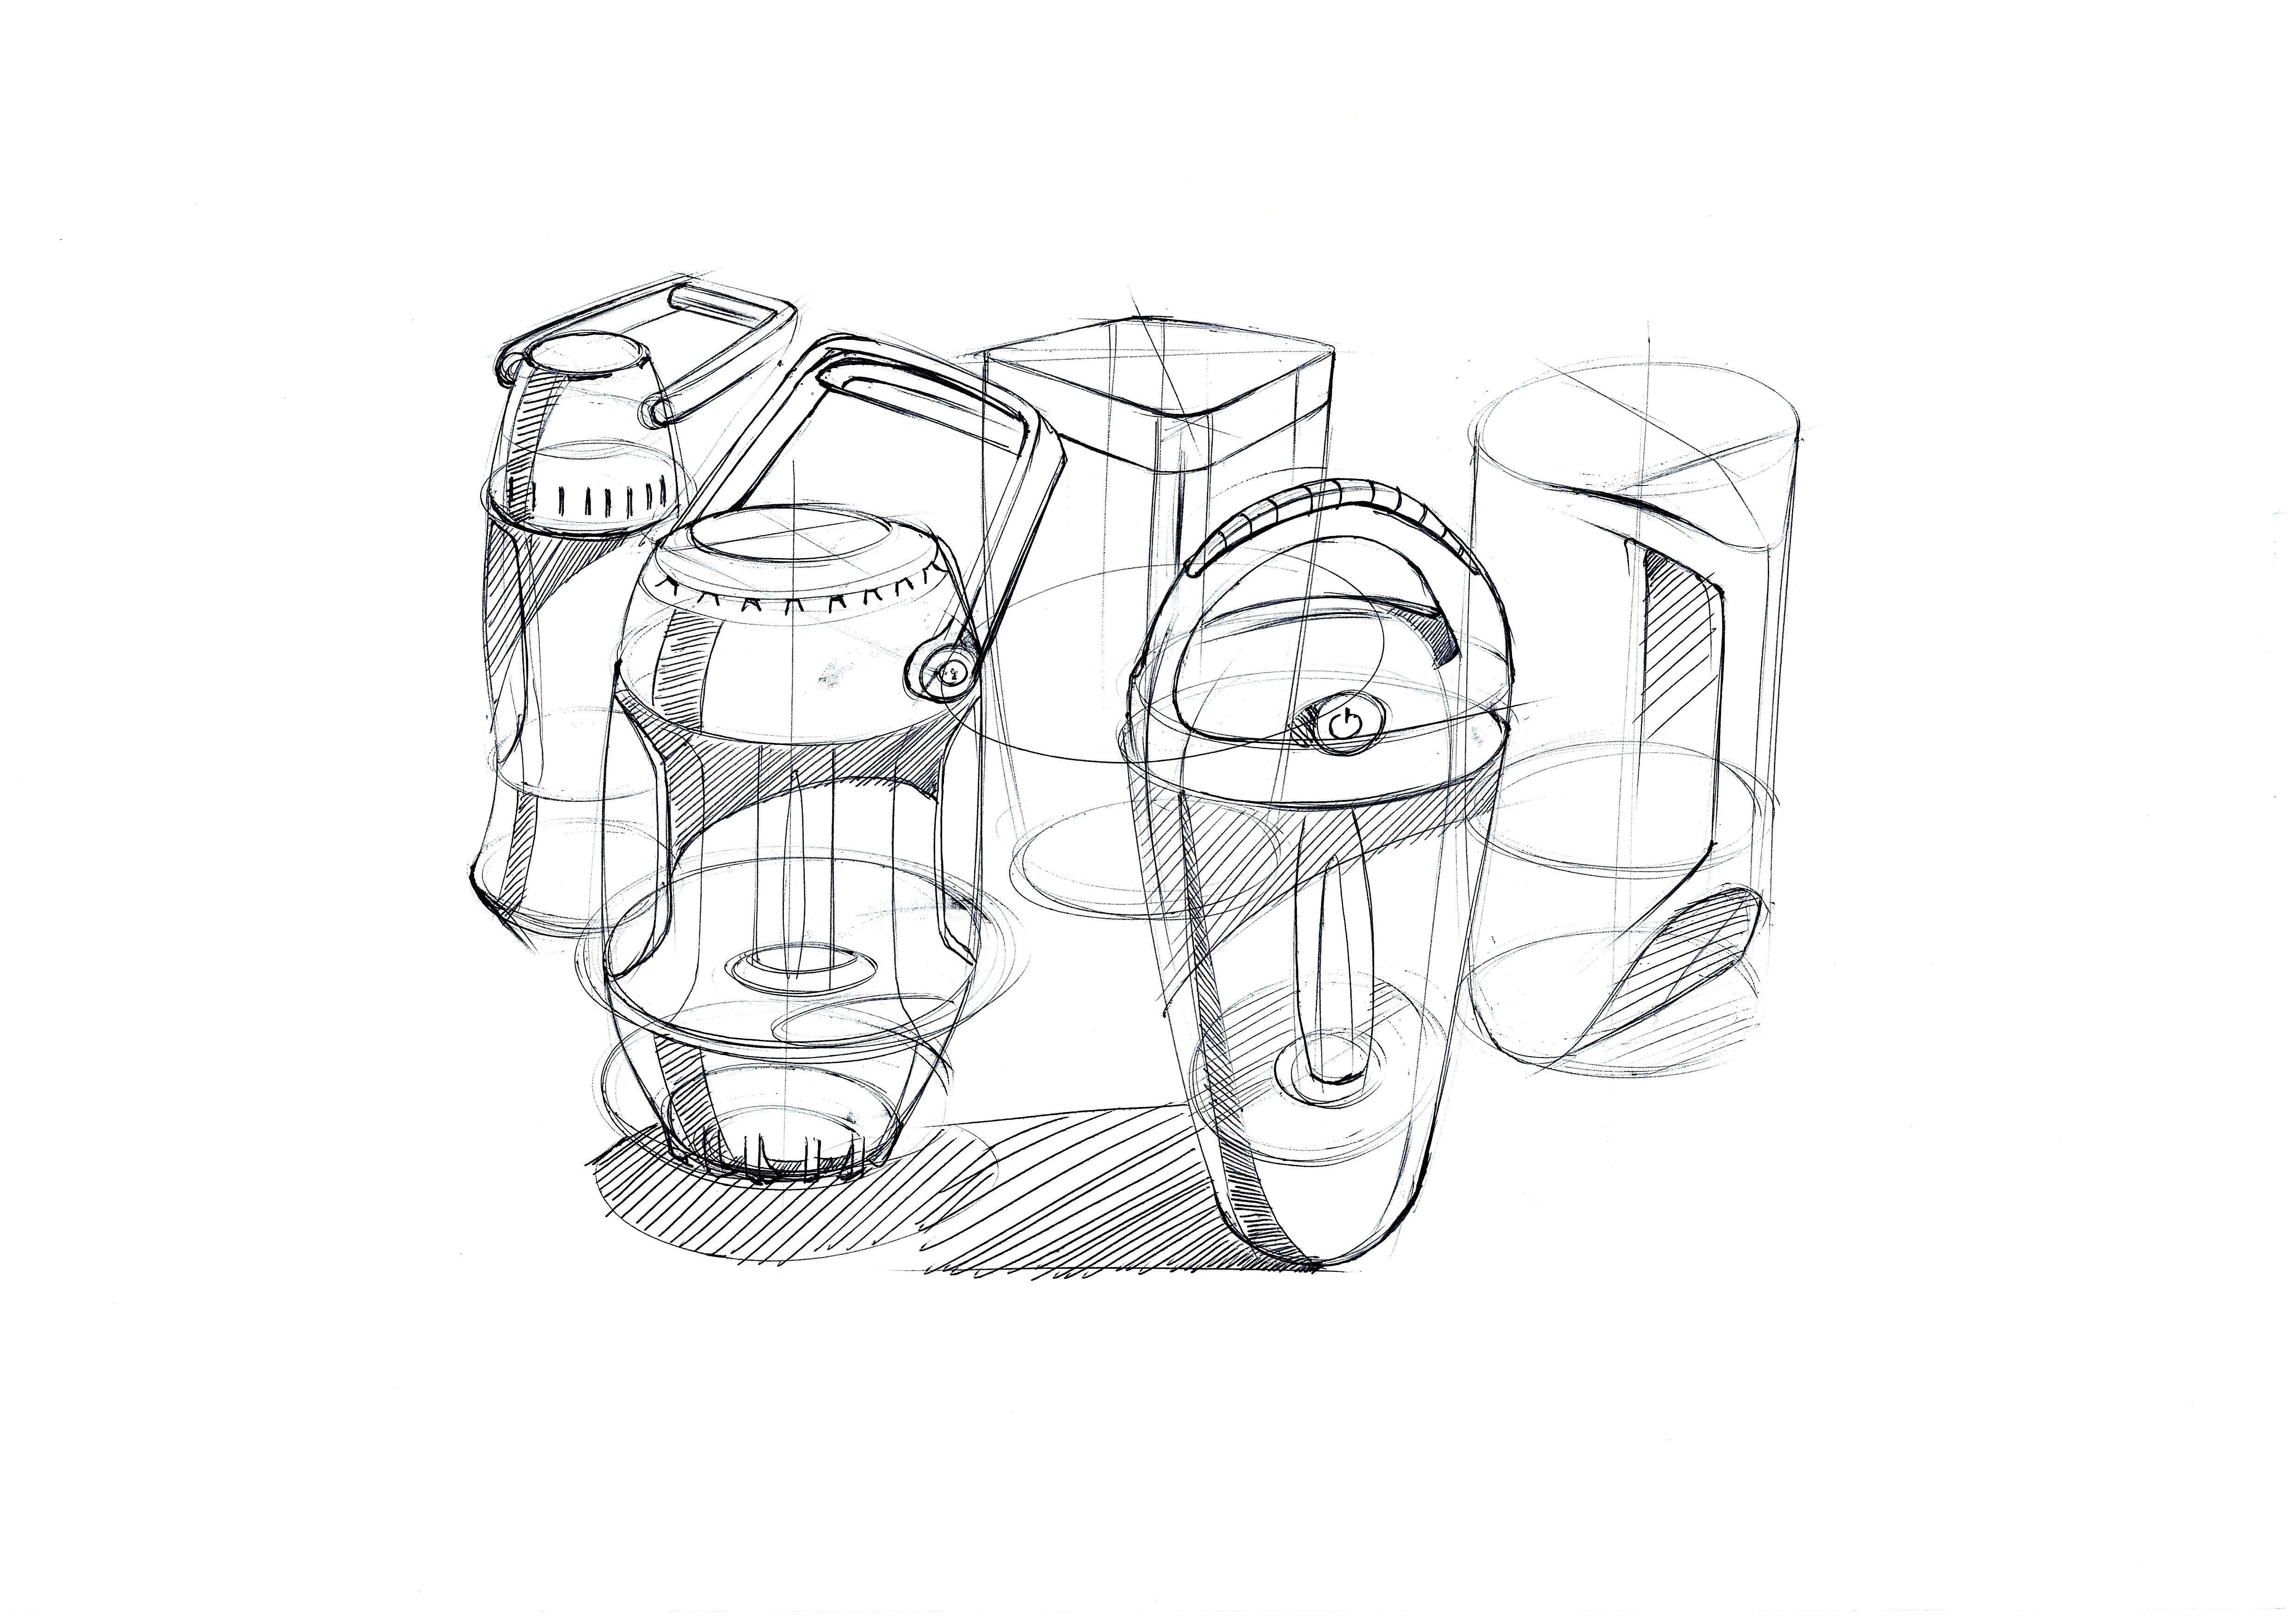 产品手绘习作|工业/产品|生活用品|shadolu - 原创